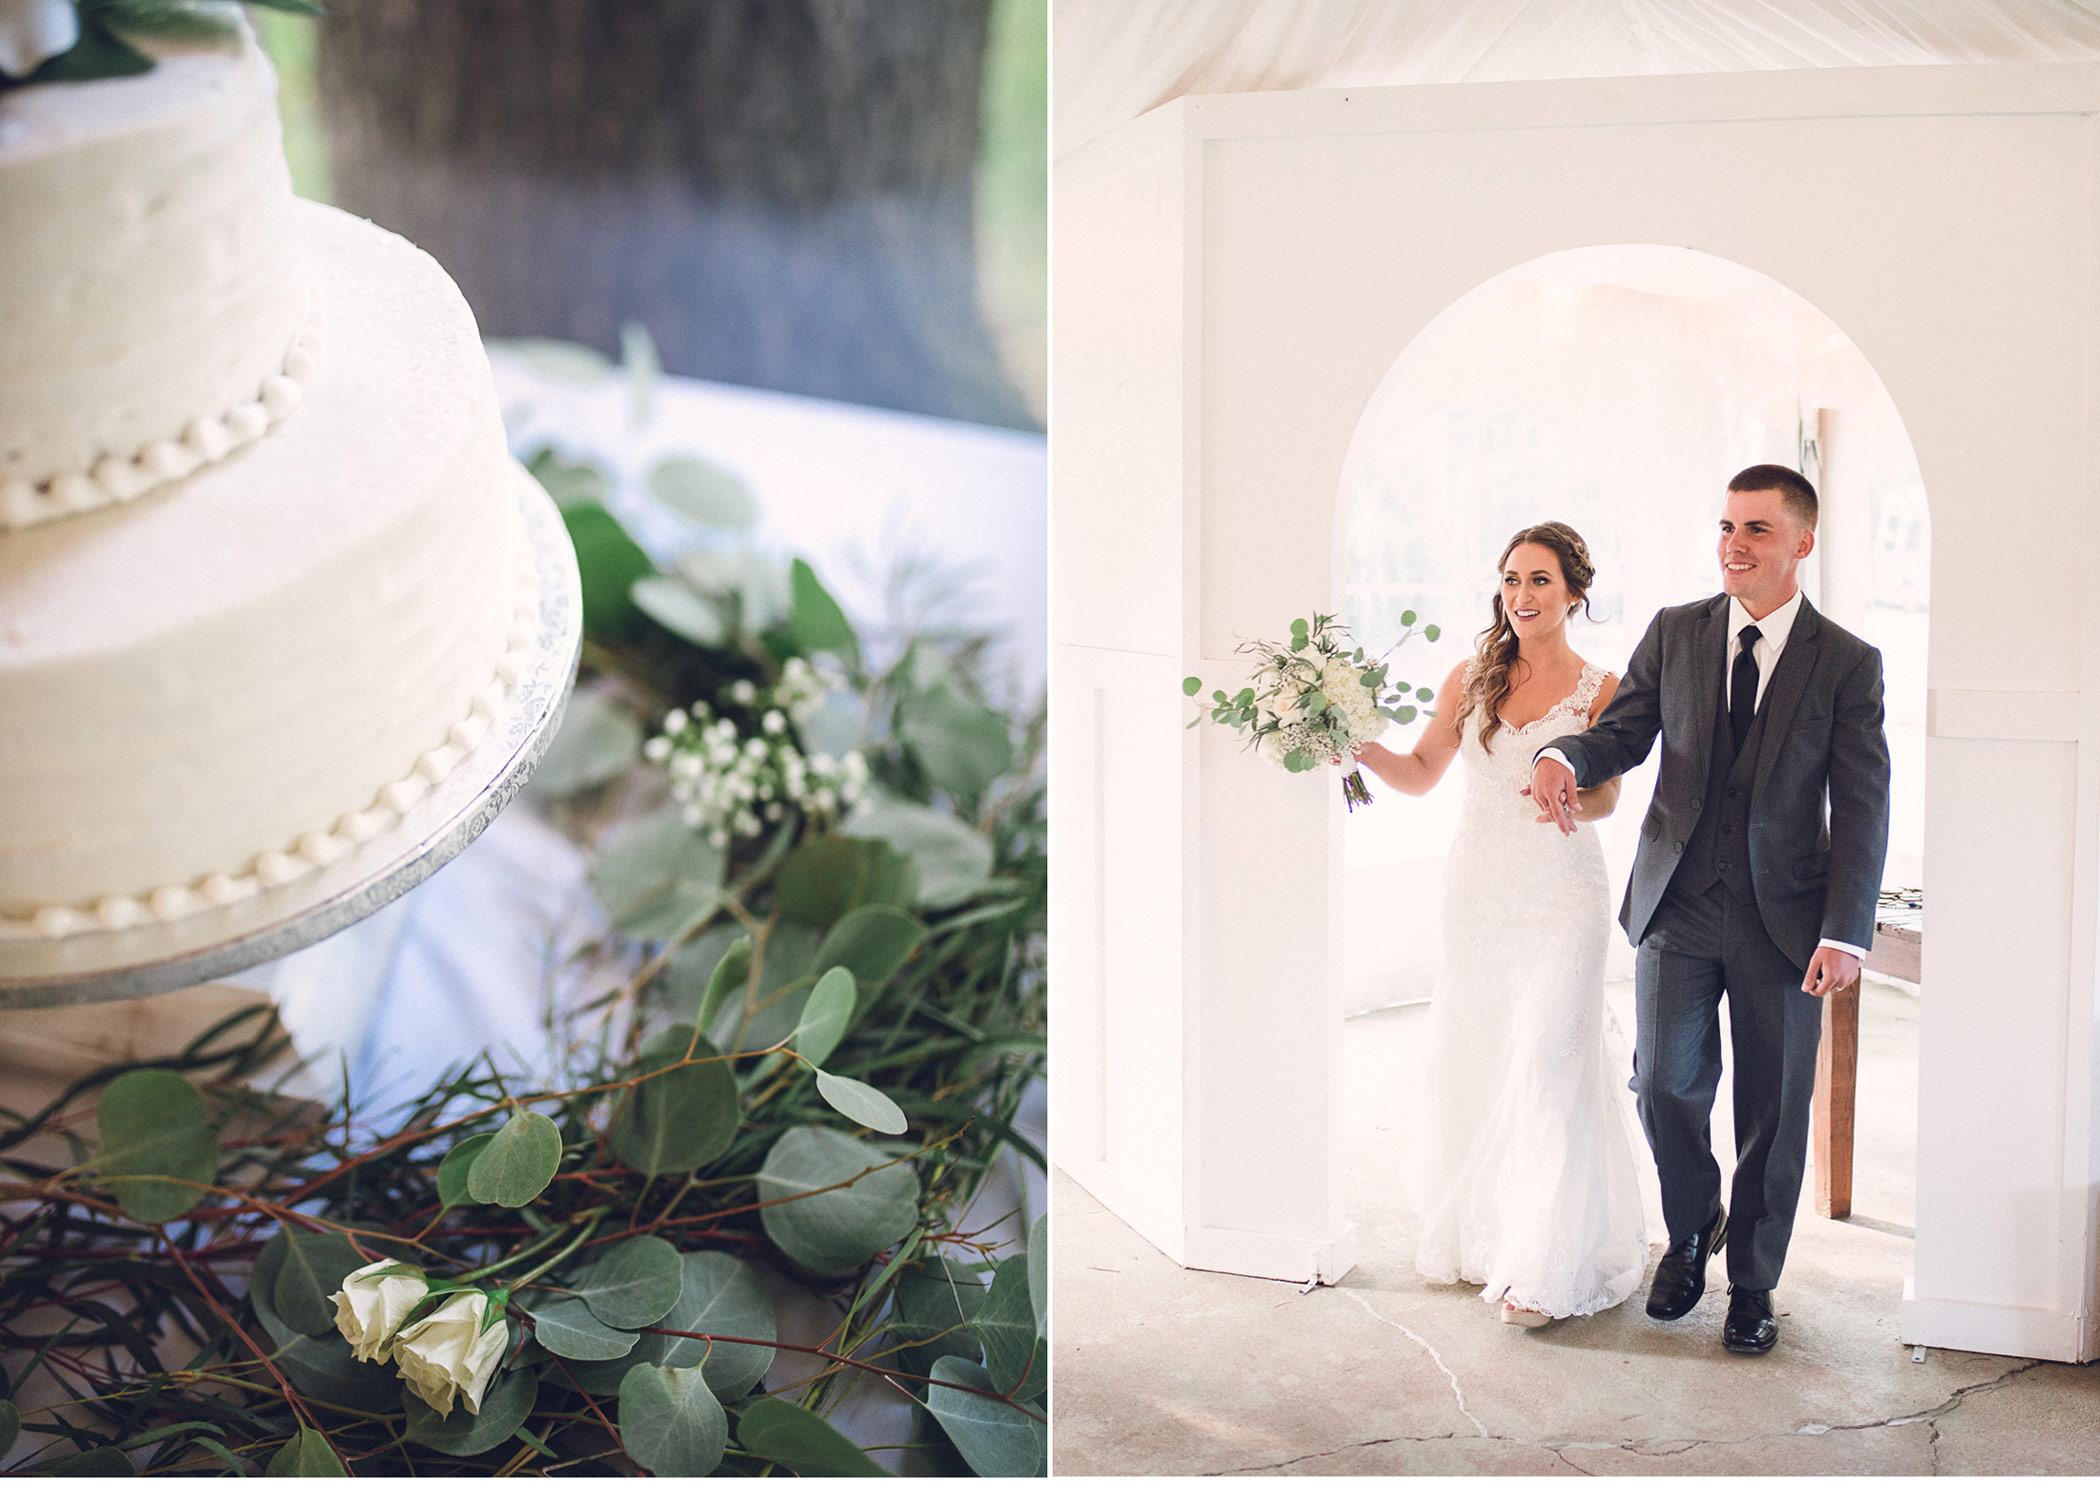 Peters-Wedding-Blog-35.jpg